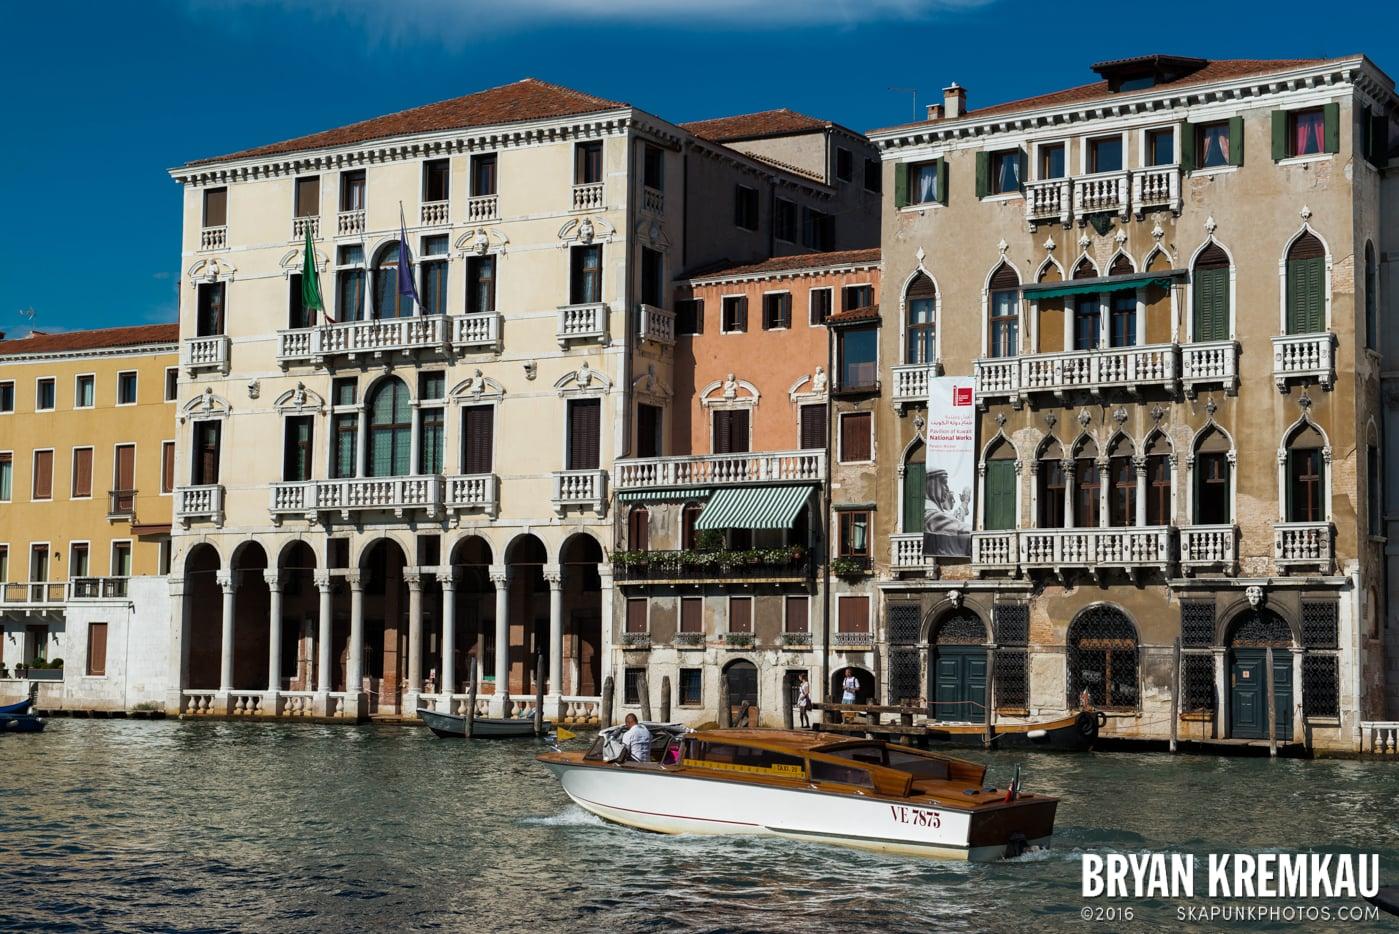 Italy Vacation - Day 4: Venice - 9.12.13 (55)